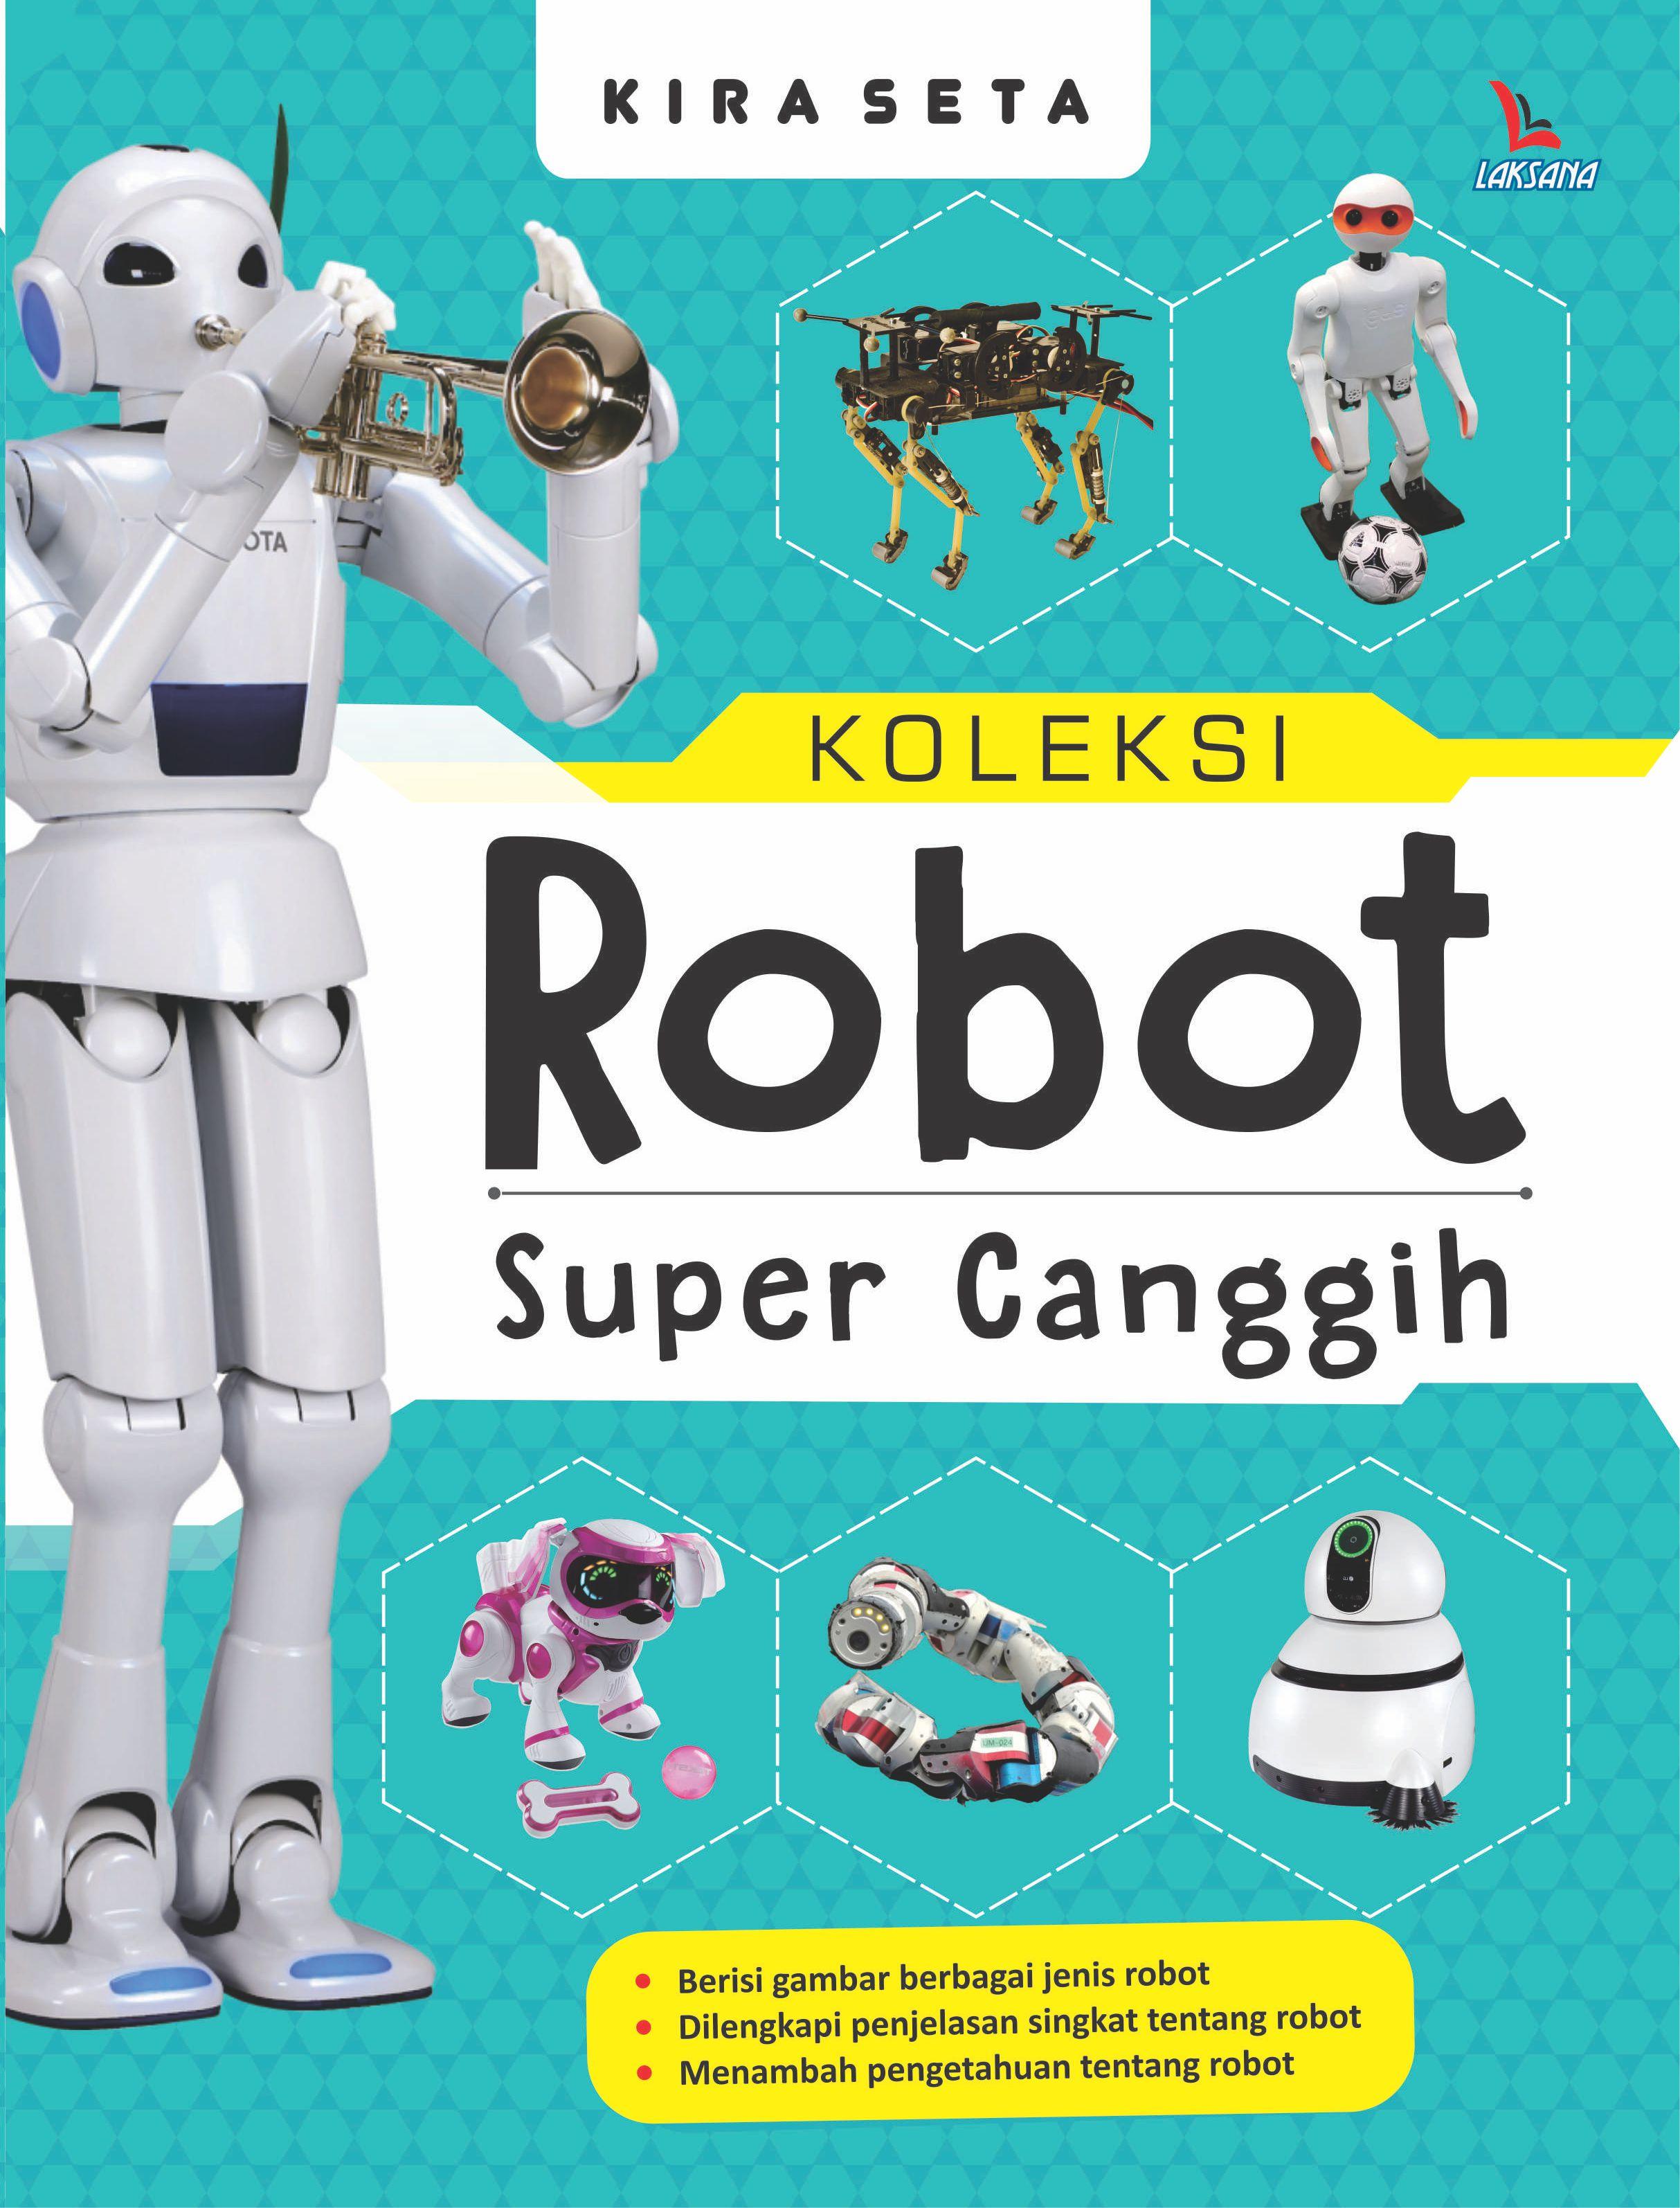 Koleksi robot super canggih [sumber elektronis]